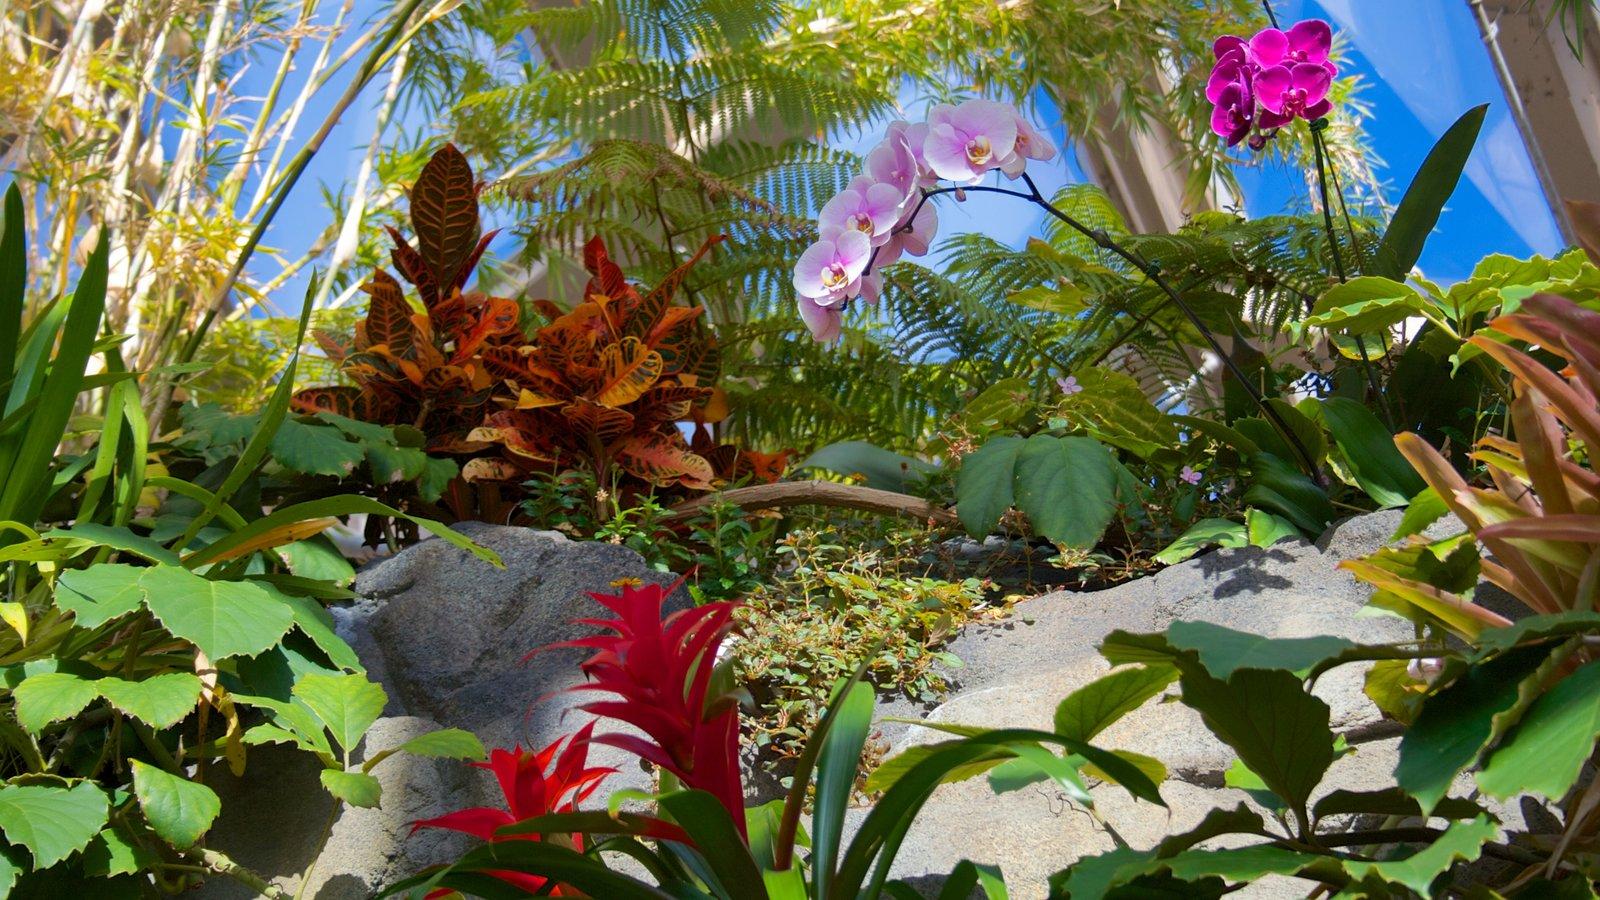 Jardim Botânico de Denver caracterizando flores silvestres, flores e um parque